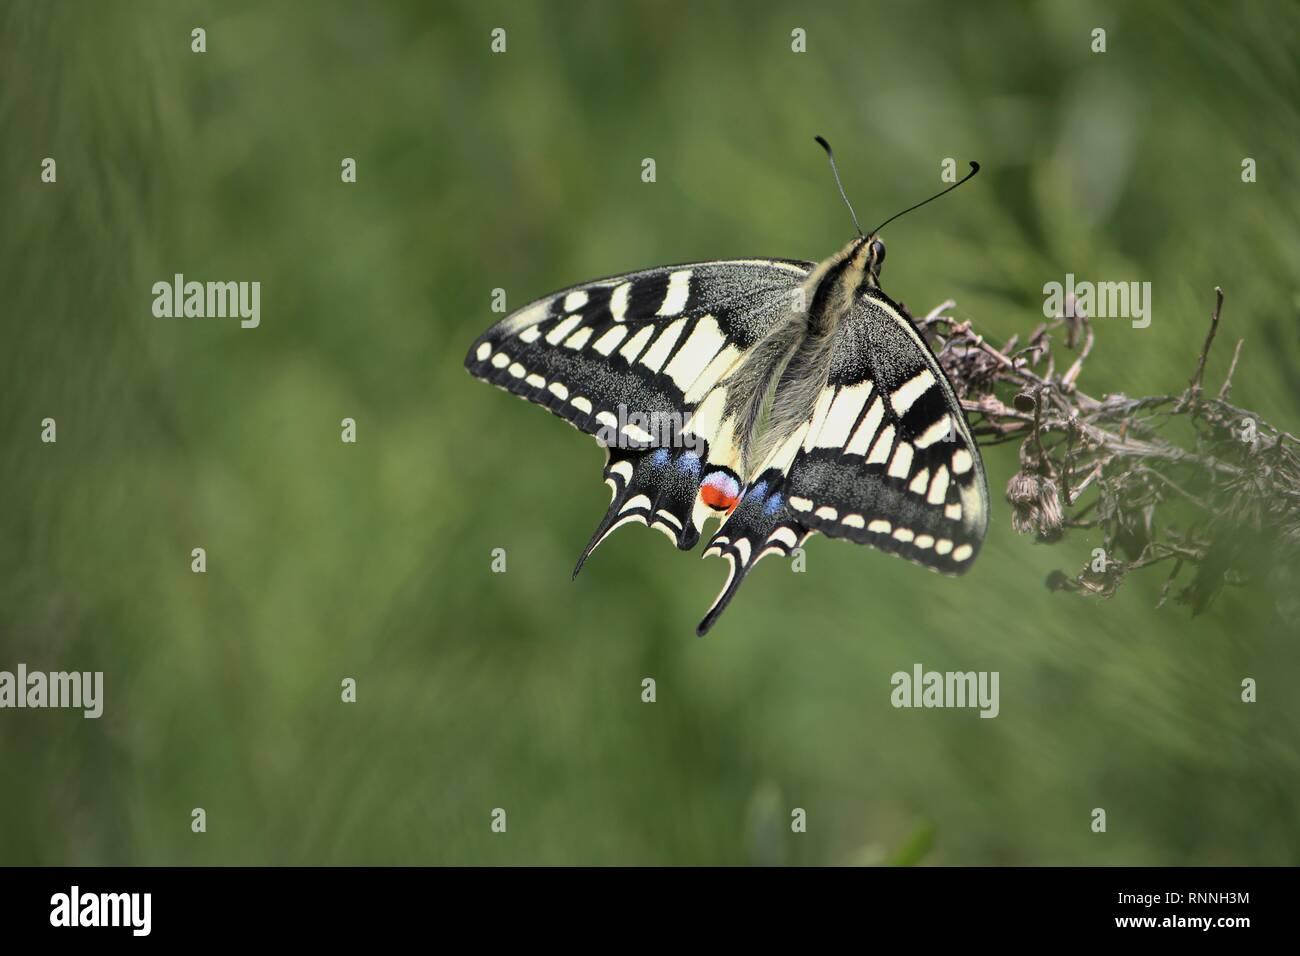 Swallowtail Butterfly (Papilio machaon), near Mellieha, Malta. - Stock Image